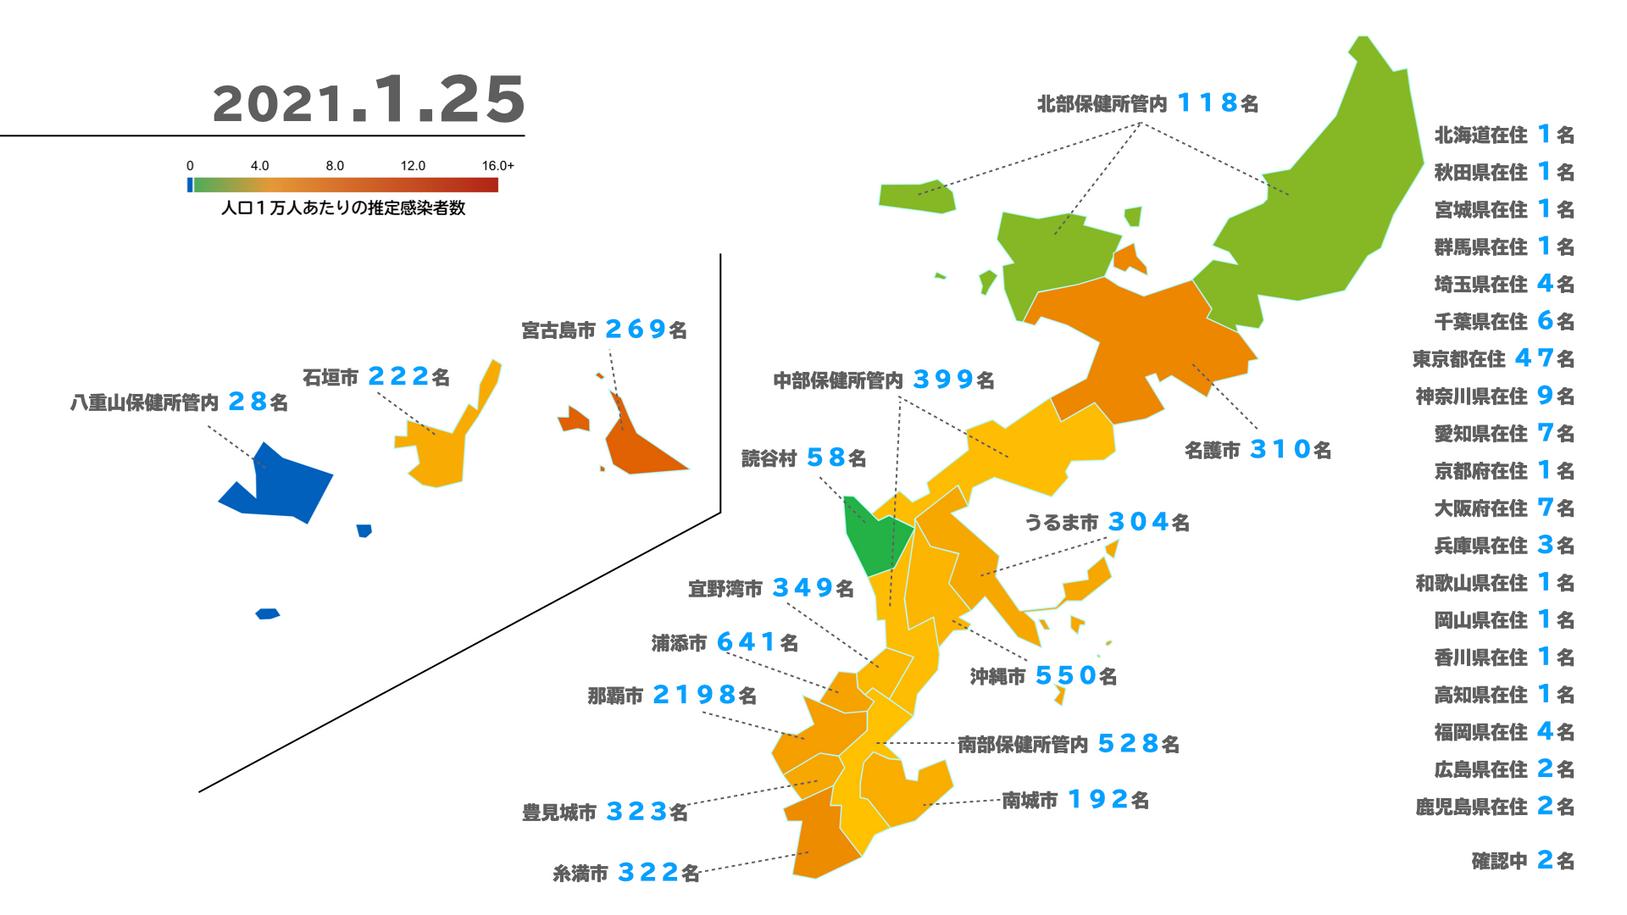 沖縄県新型コロナウイルス感染者マップ(2021/1/25 時点)